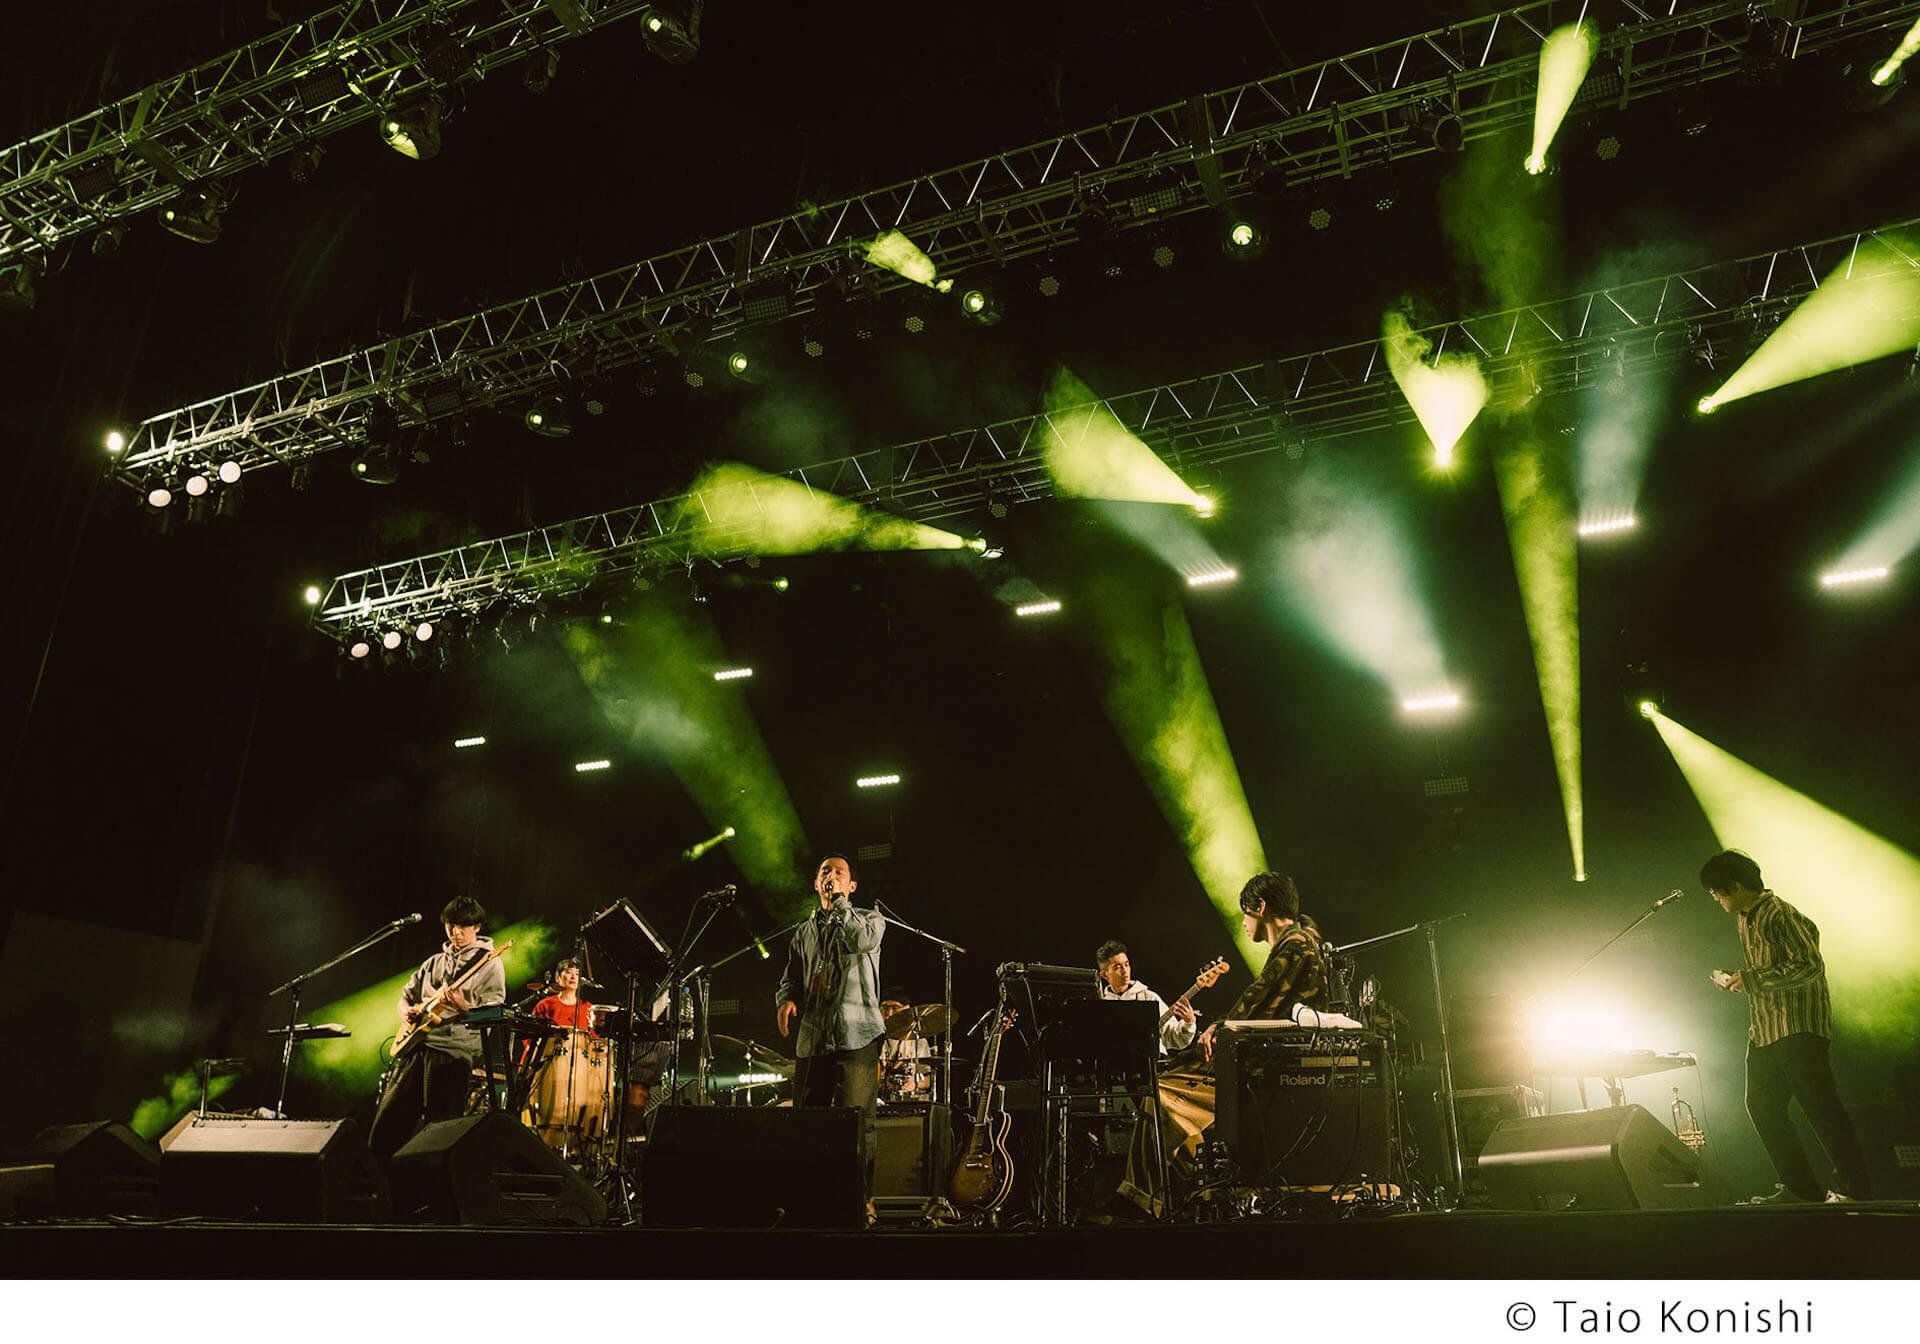 折坂悠太、カネコアヤノ、PUNPEEらが熱演!<KEEP ON FUJI ROCKIN' II >のオフィシャルレポートが公開 music210107_fujirock-06